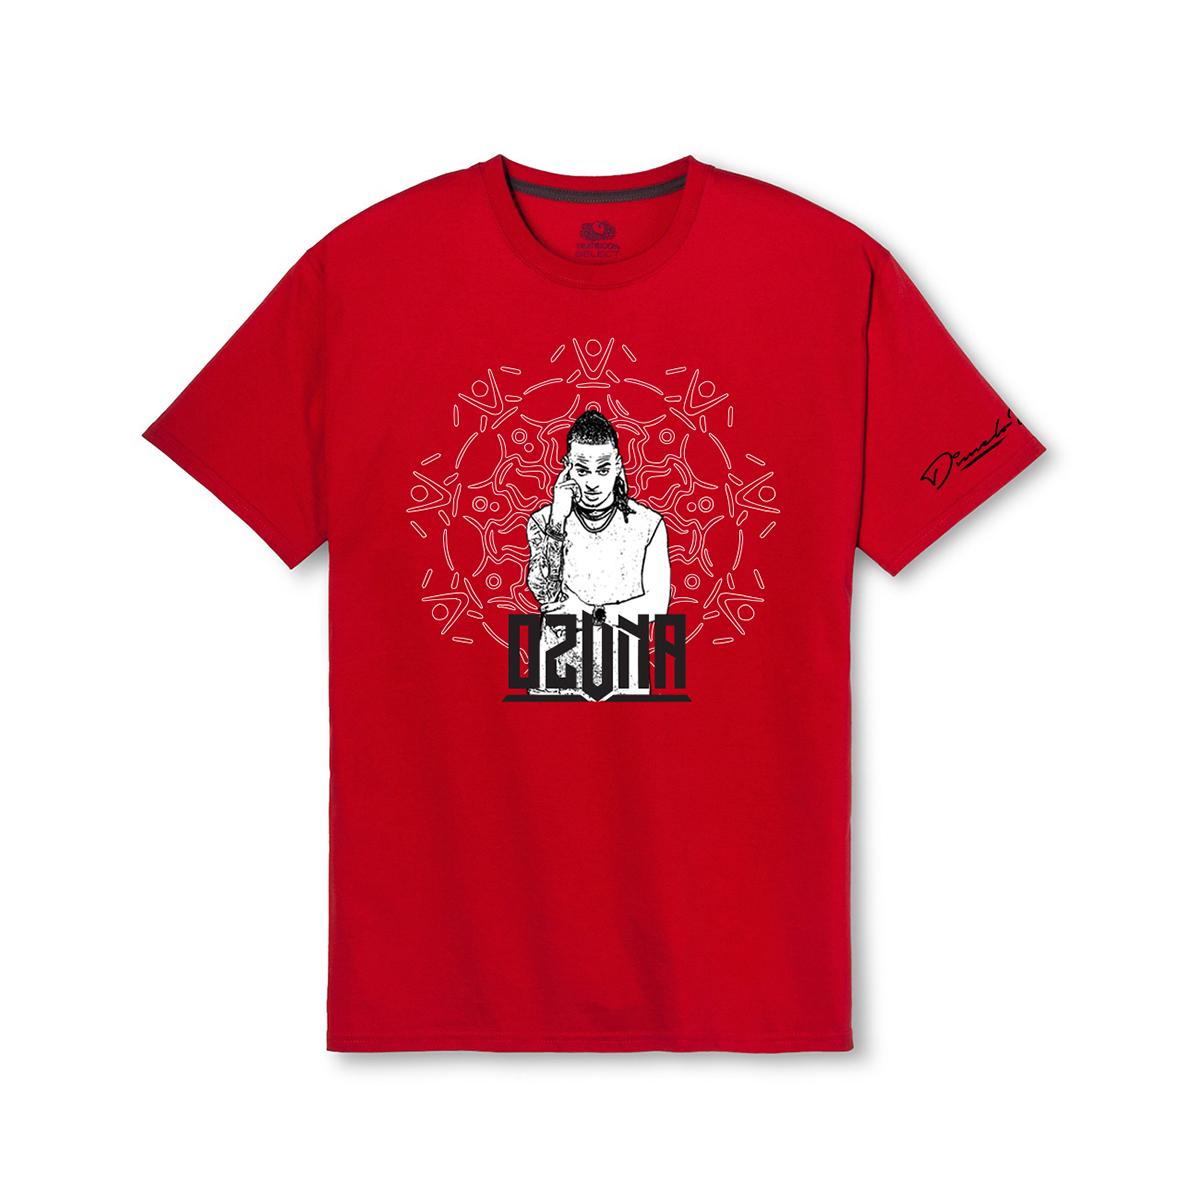 Ozuna Photo T-shirt